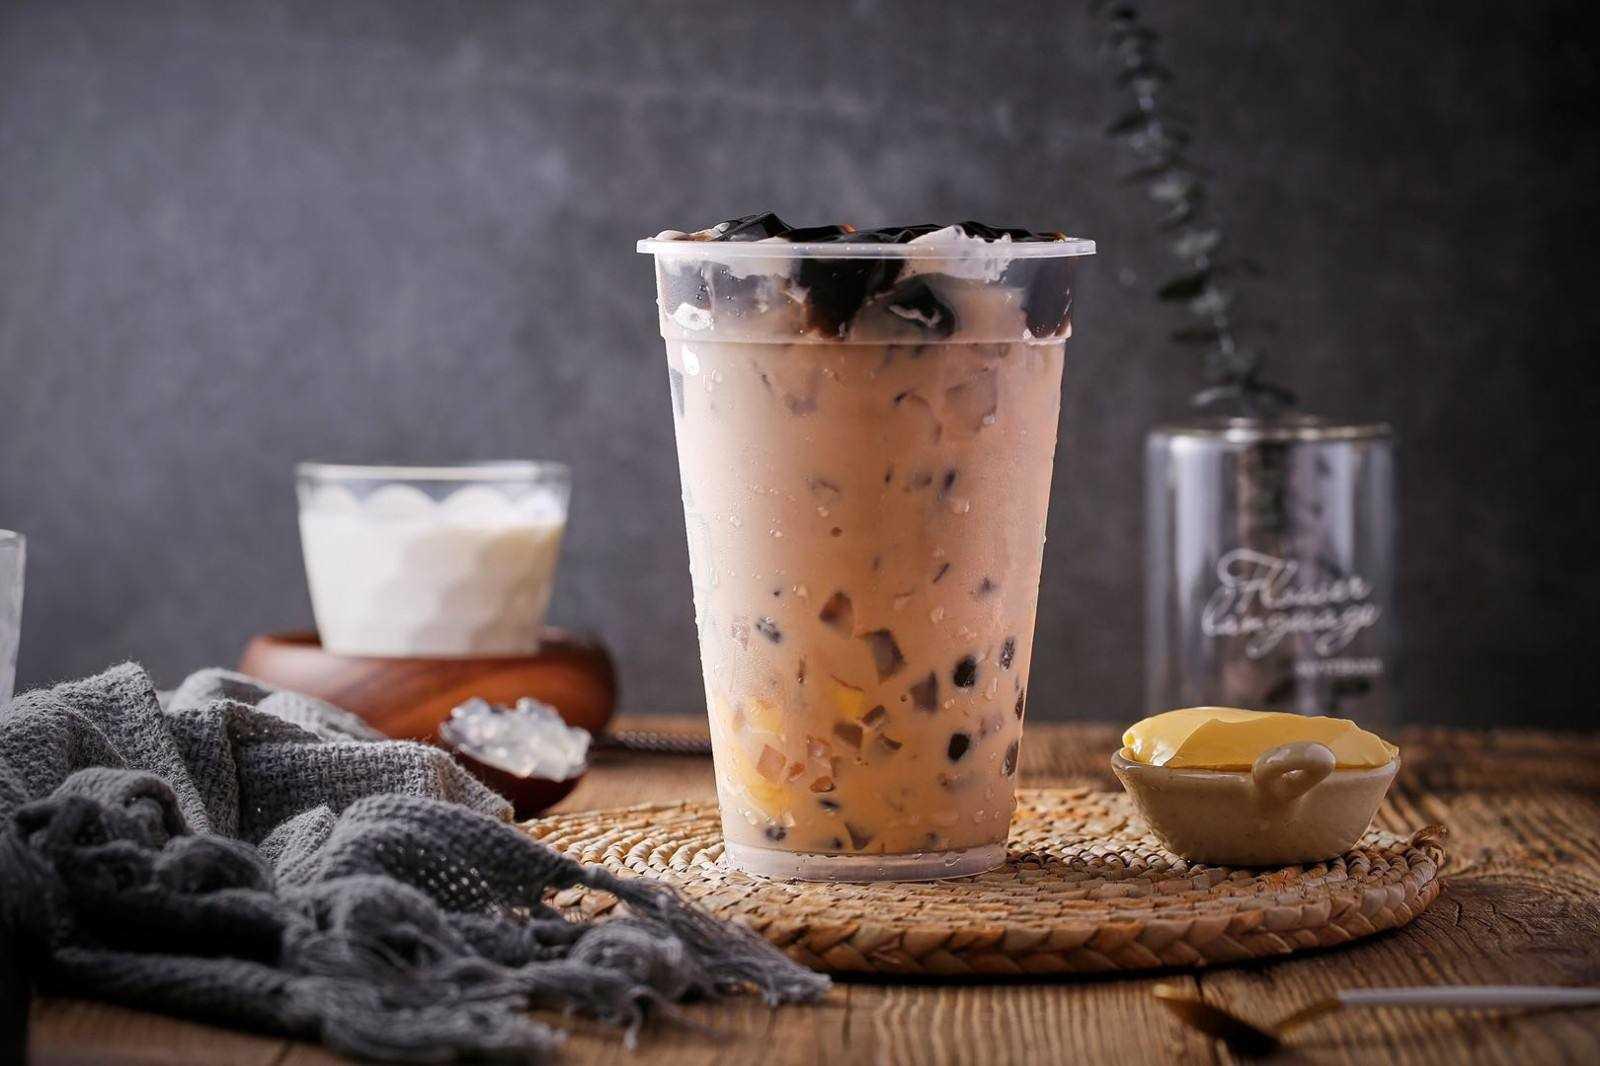 哪个牌子的奶茶好喝_最好喝的奶茶排名